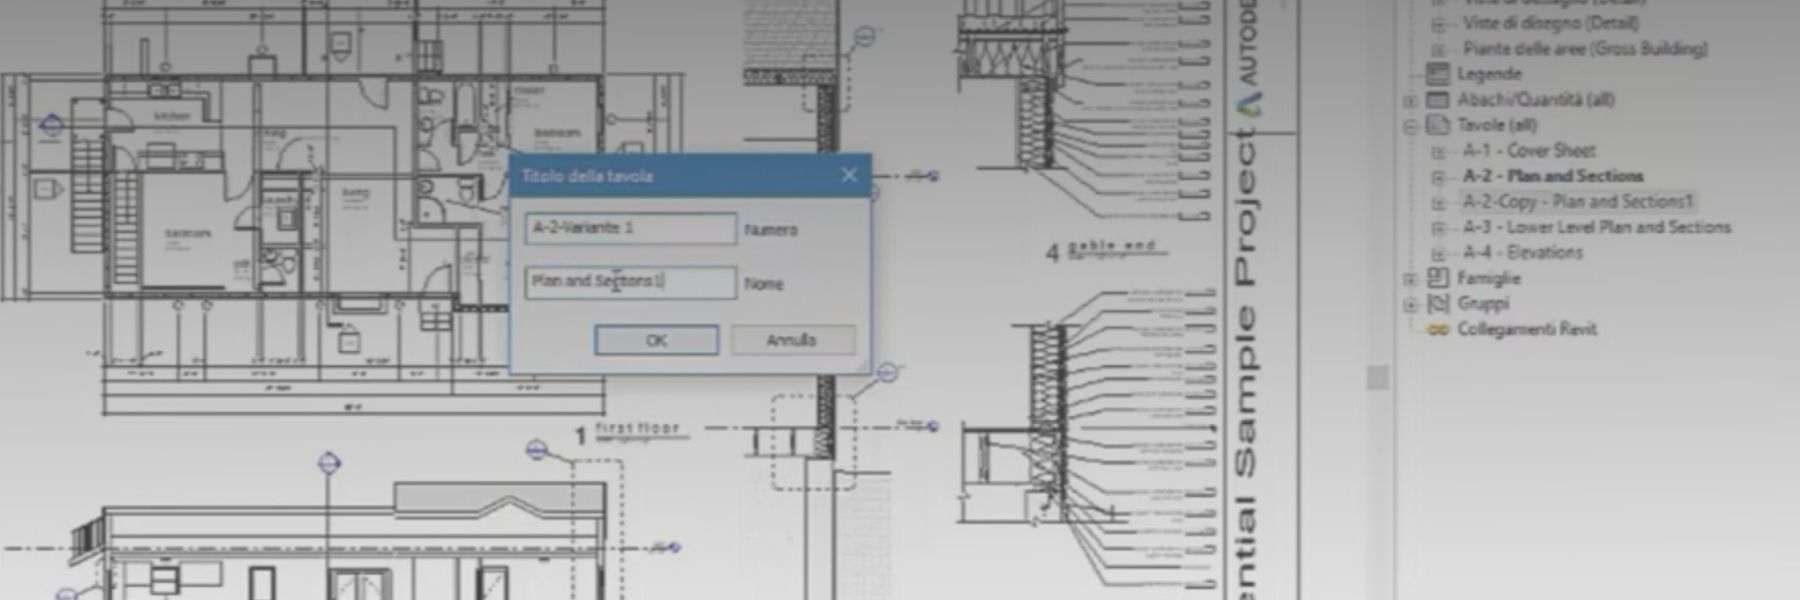 Autodesk Revit e Duplicazione Tavole